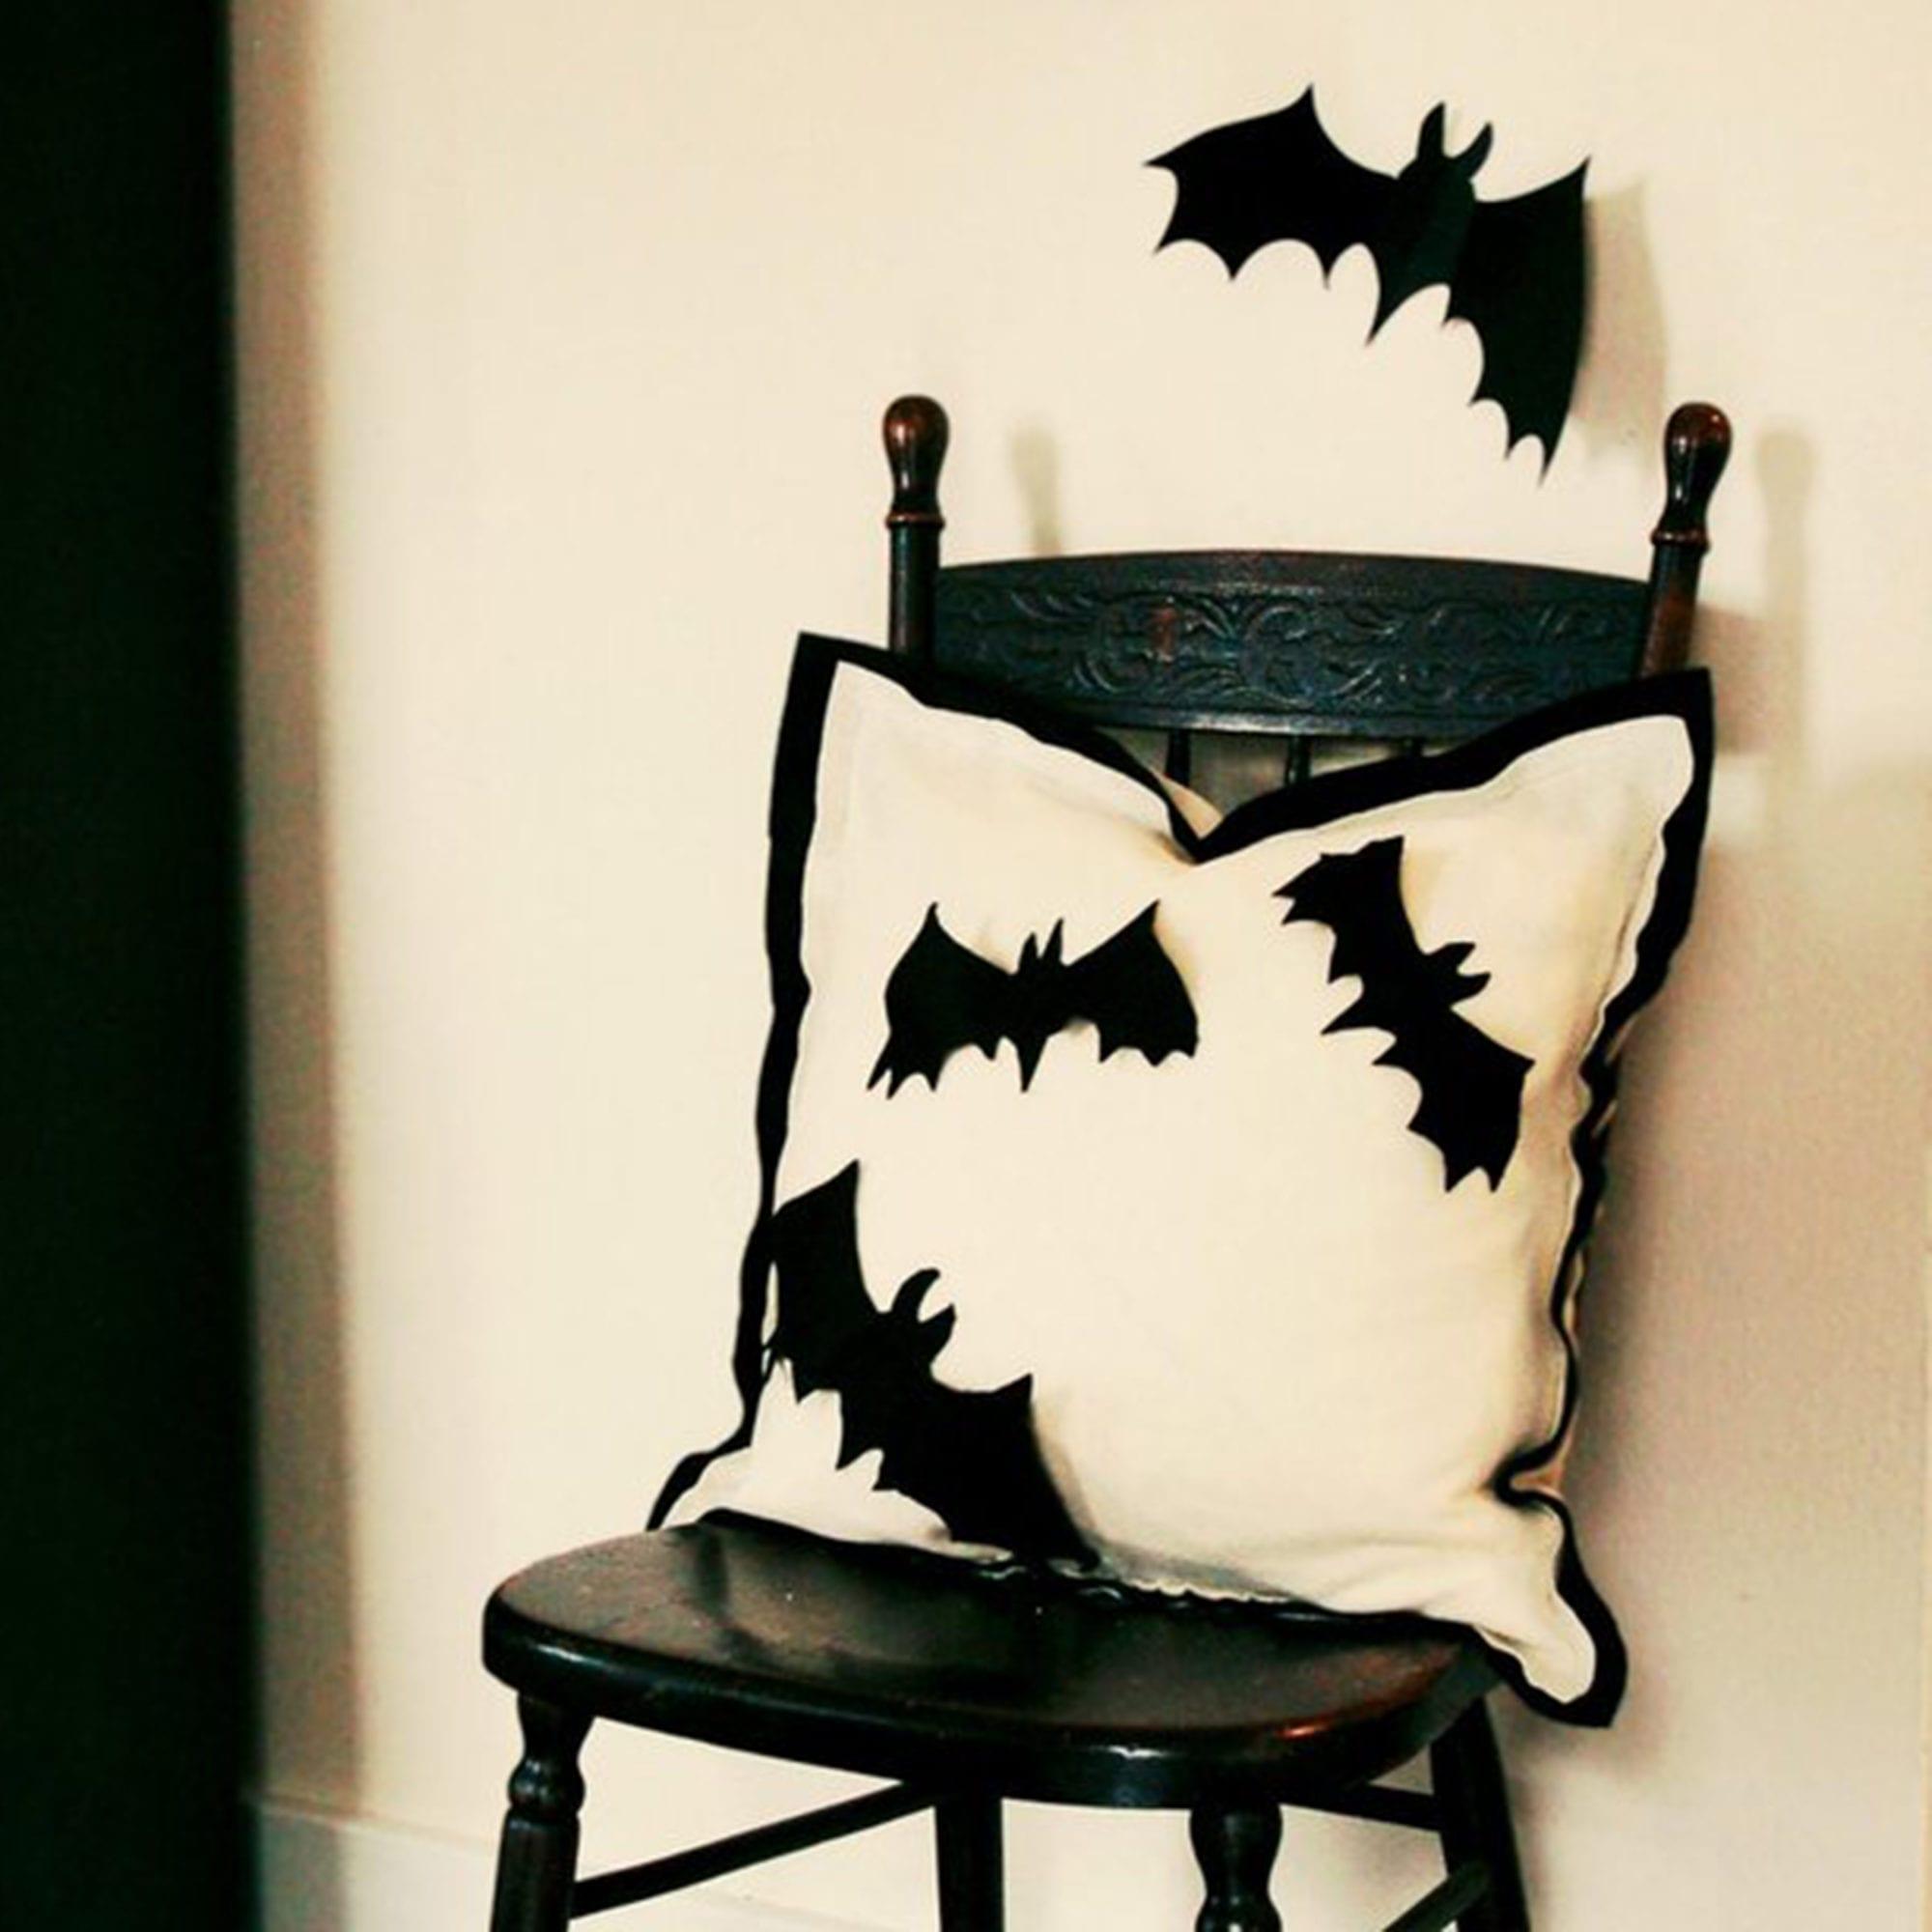 декорации для фотосессии на хэллоуин своими руками предлагает